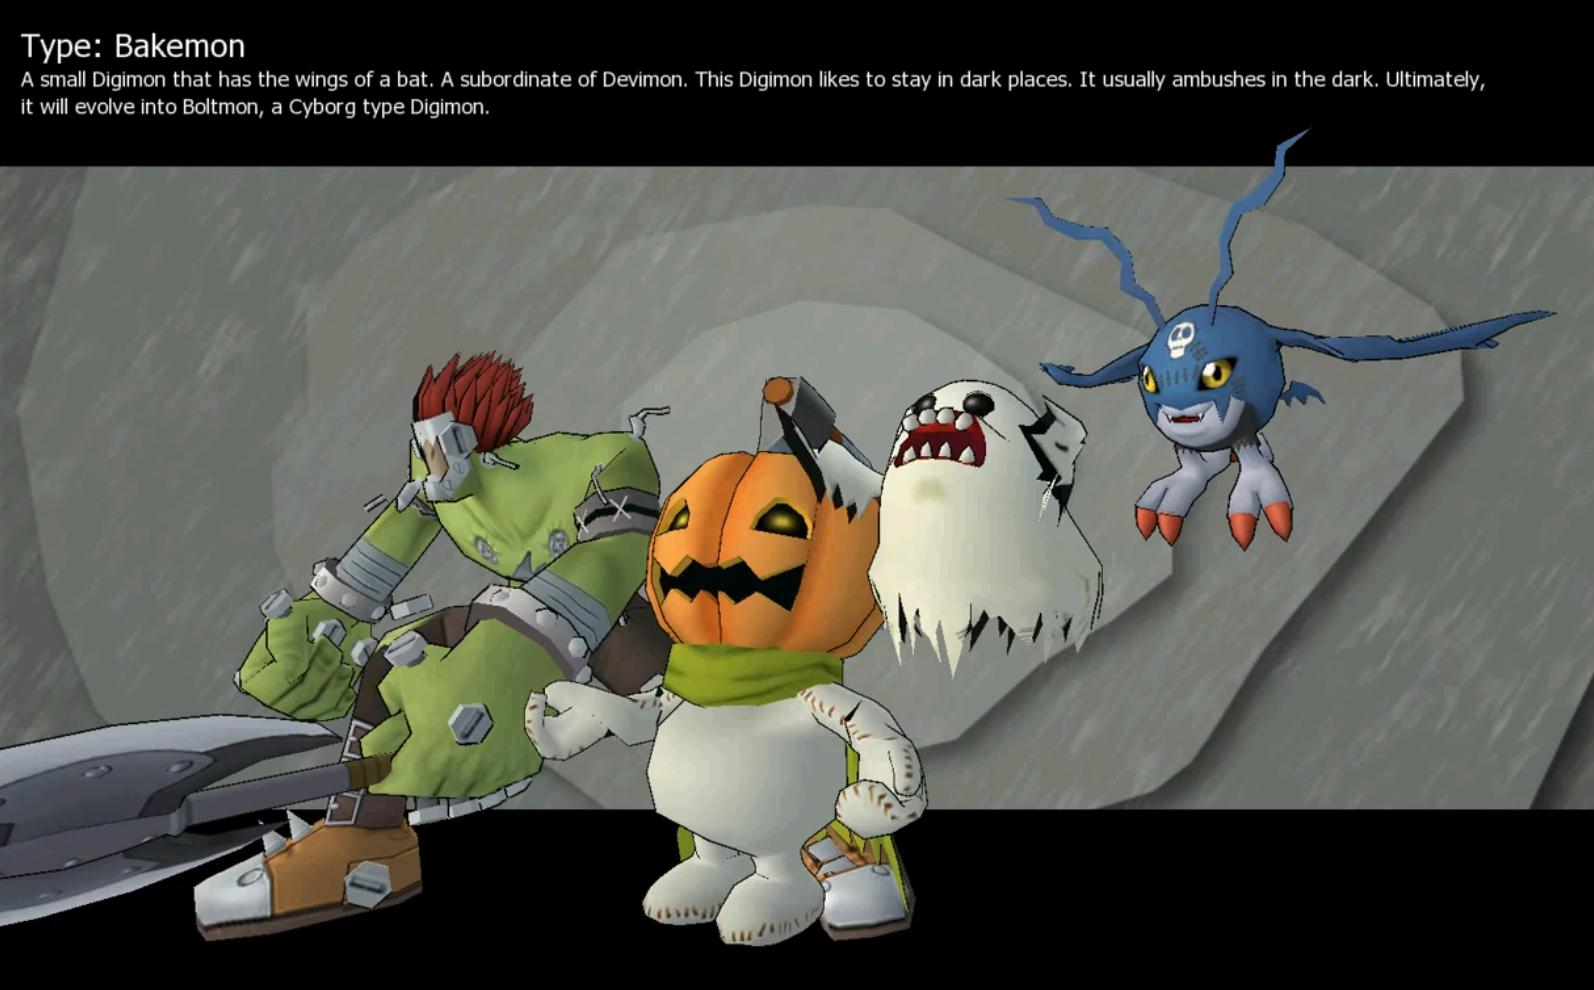 Demidevimon Evolution Line DemiDevimon  Bakemon line